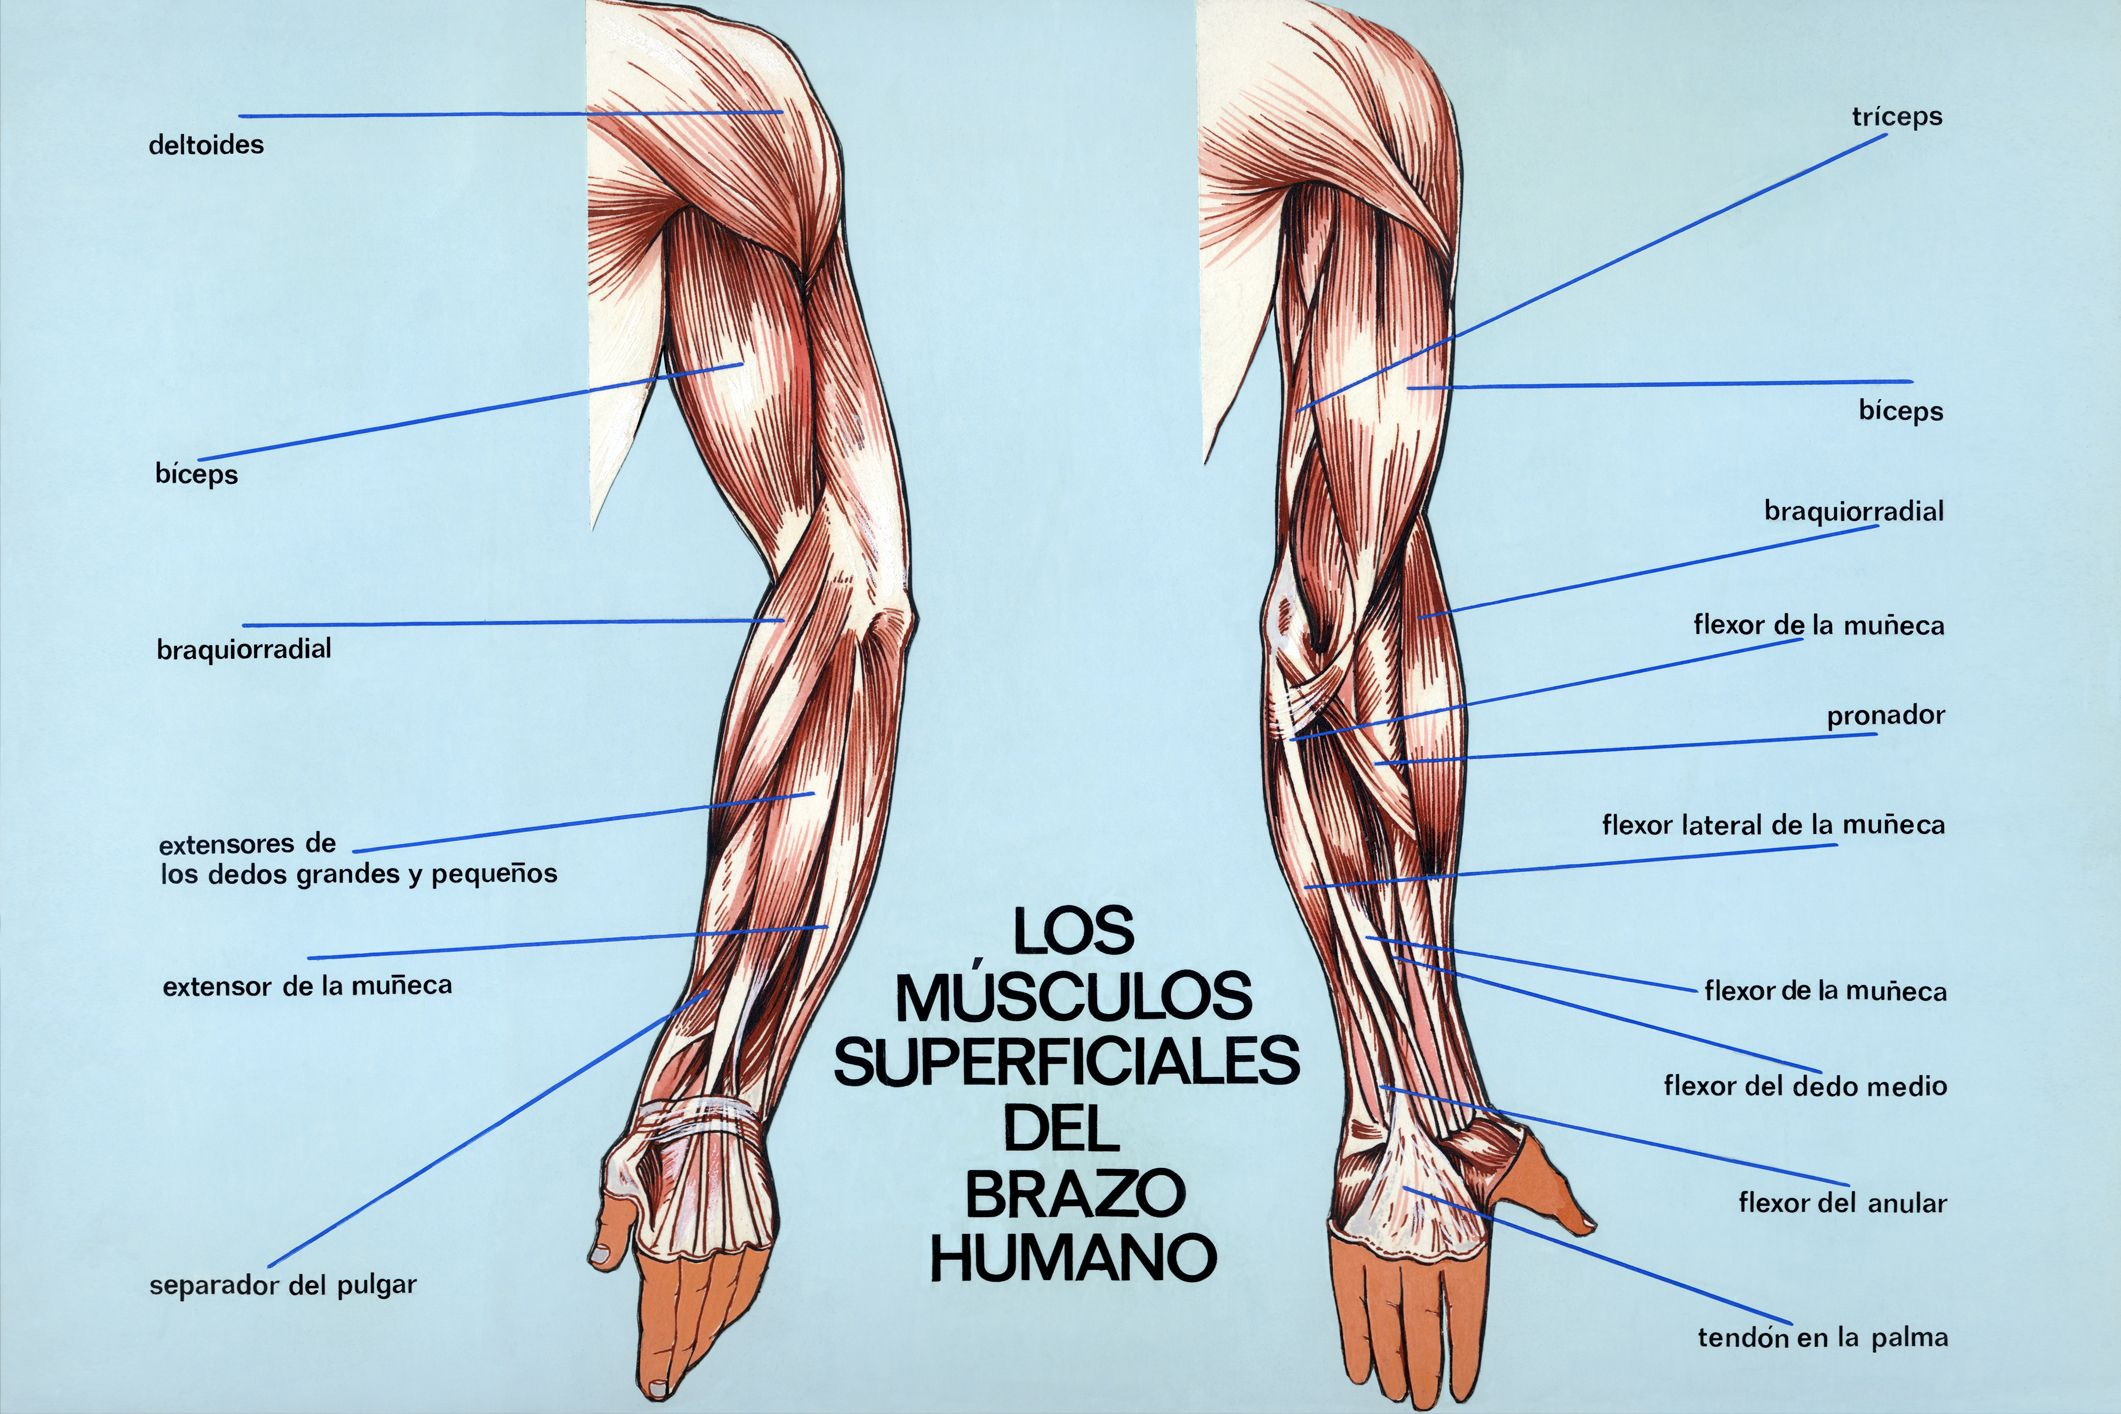 Músculos superficiales del brazo humano | Salud y Estilo de Vida ...